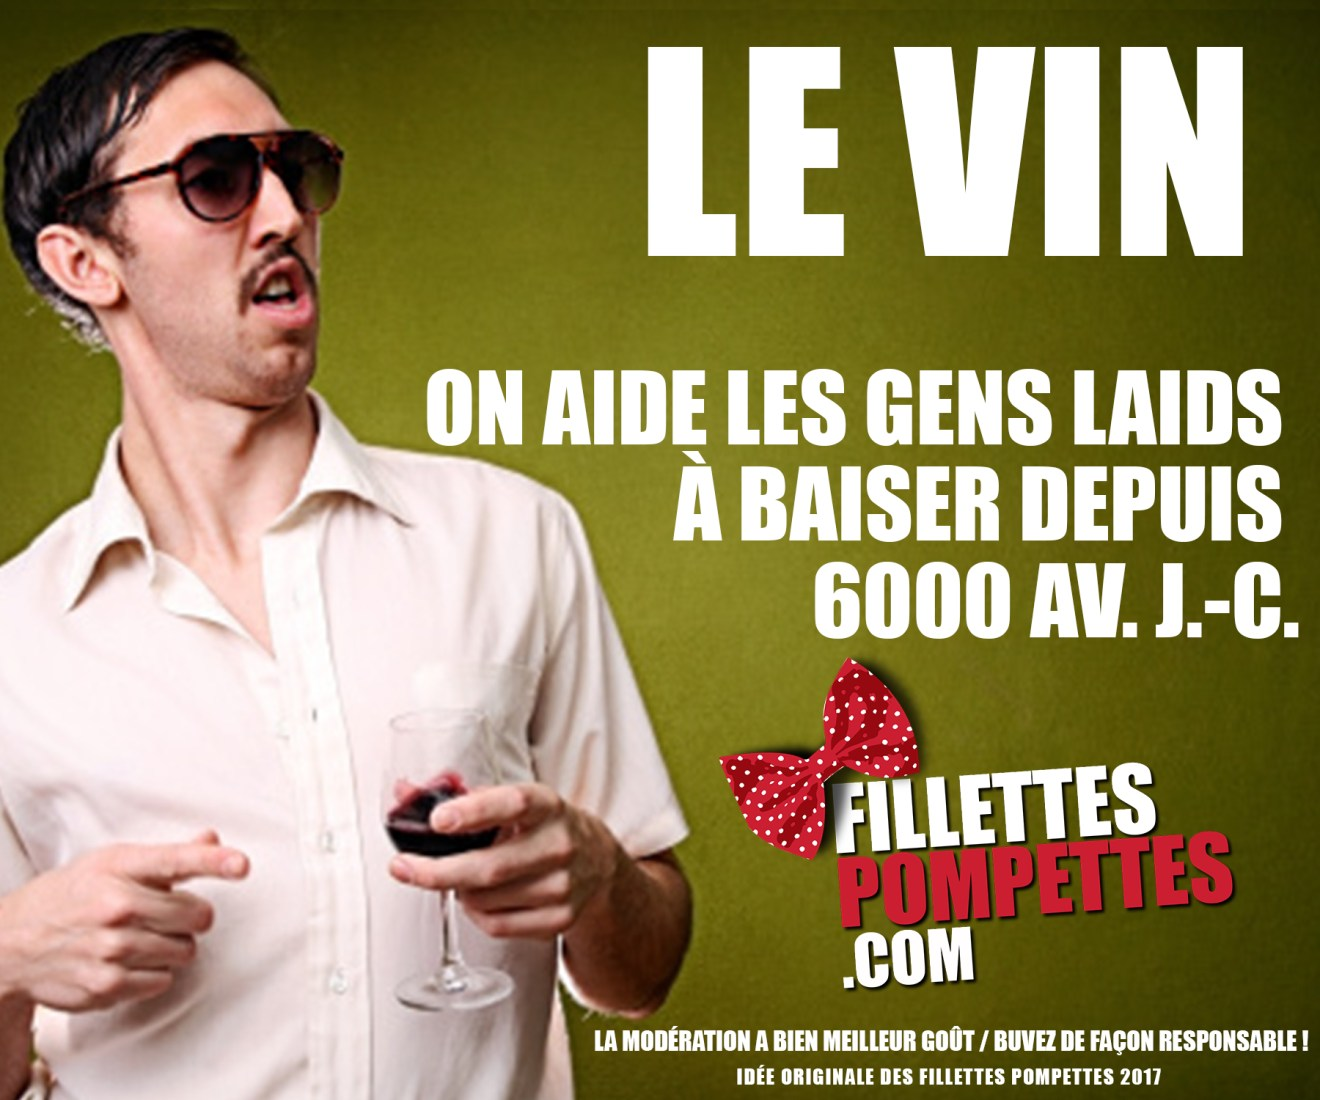 vin_laid_fillettes_pompette